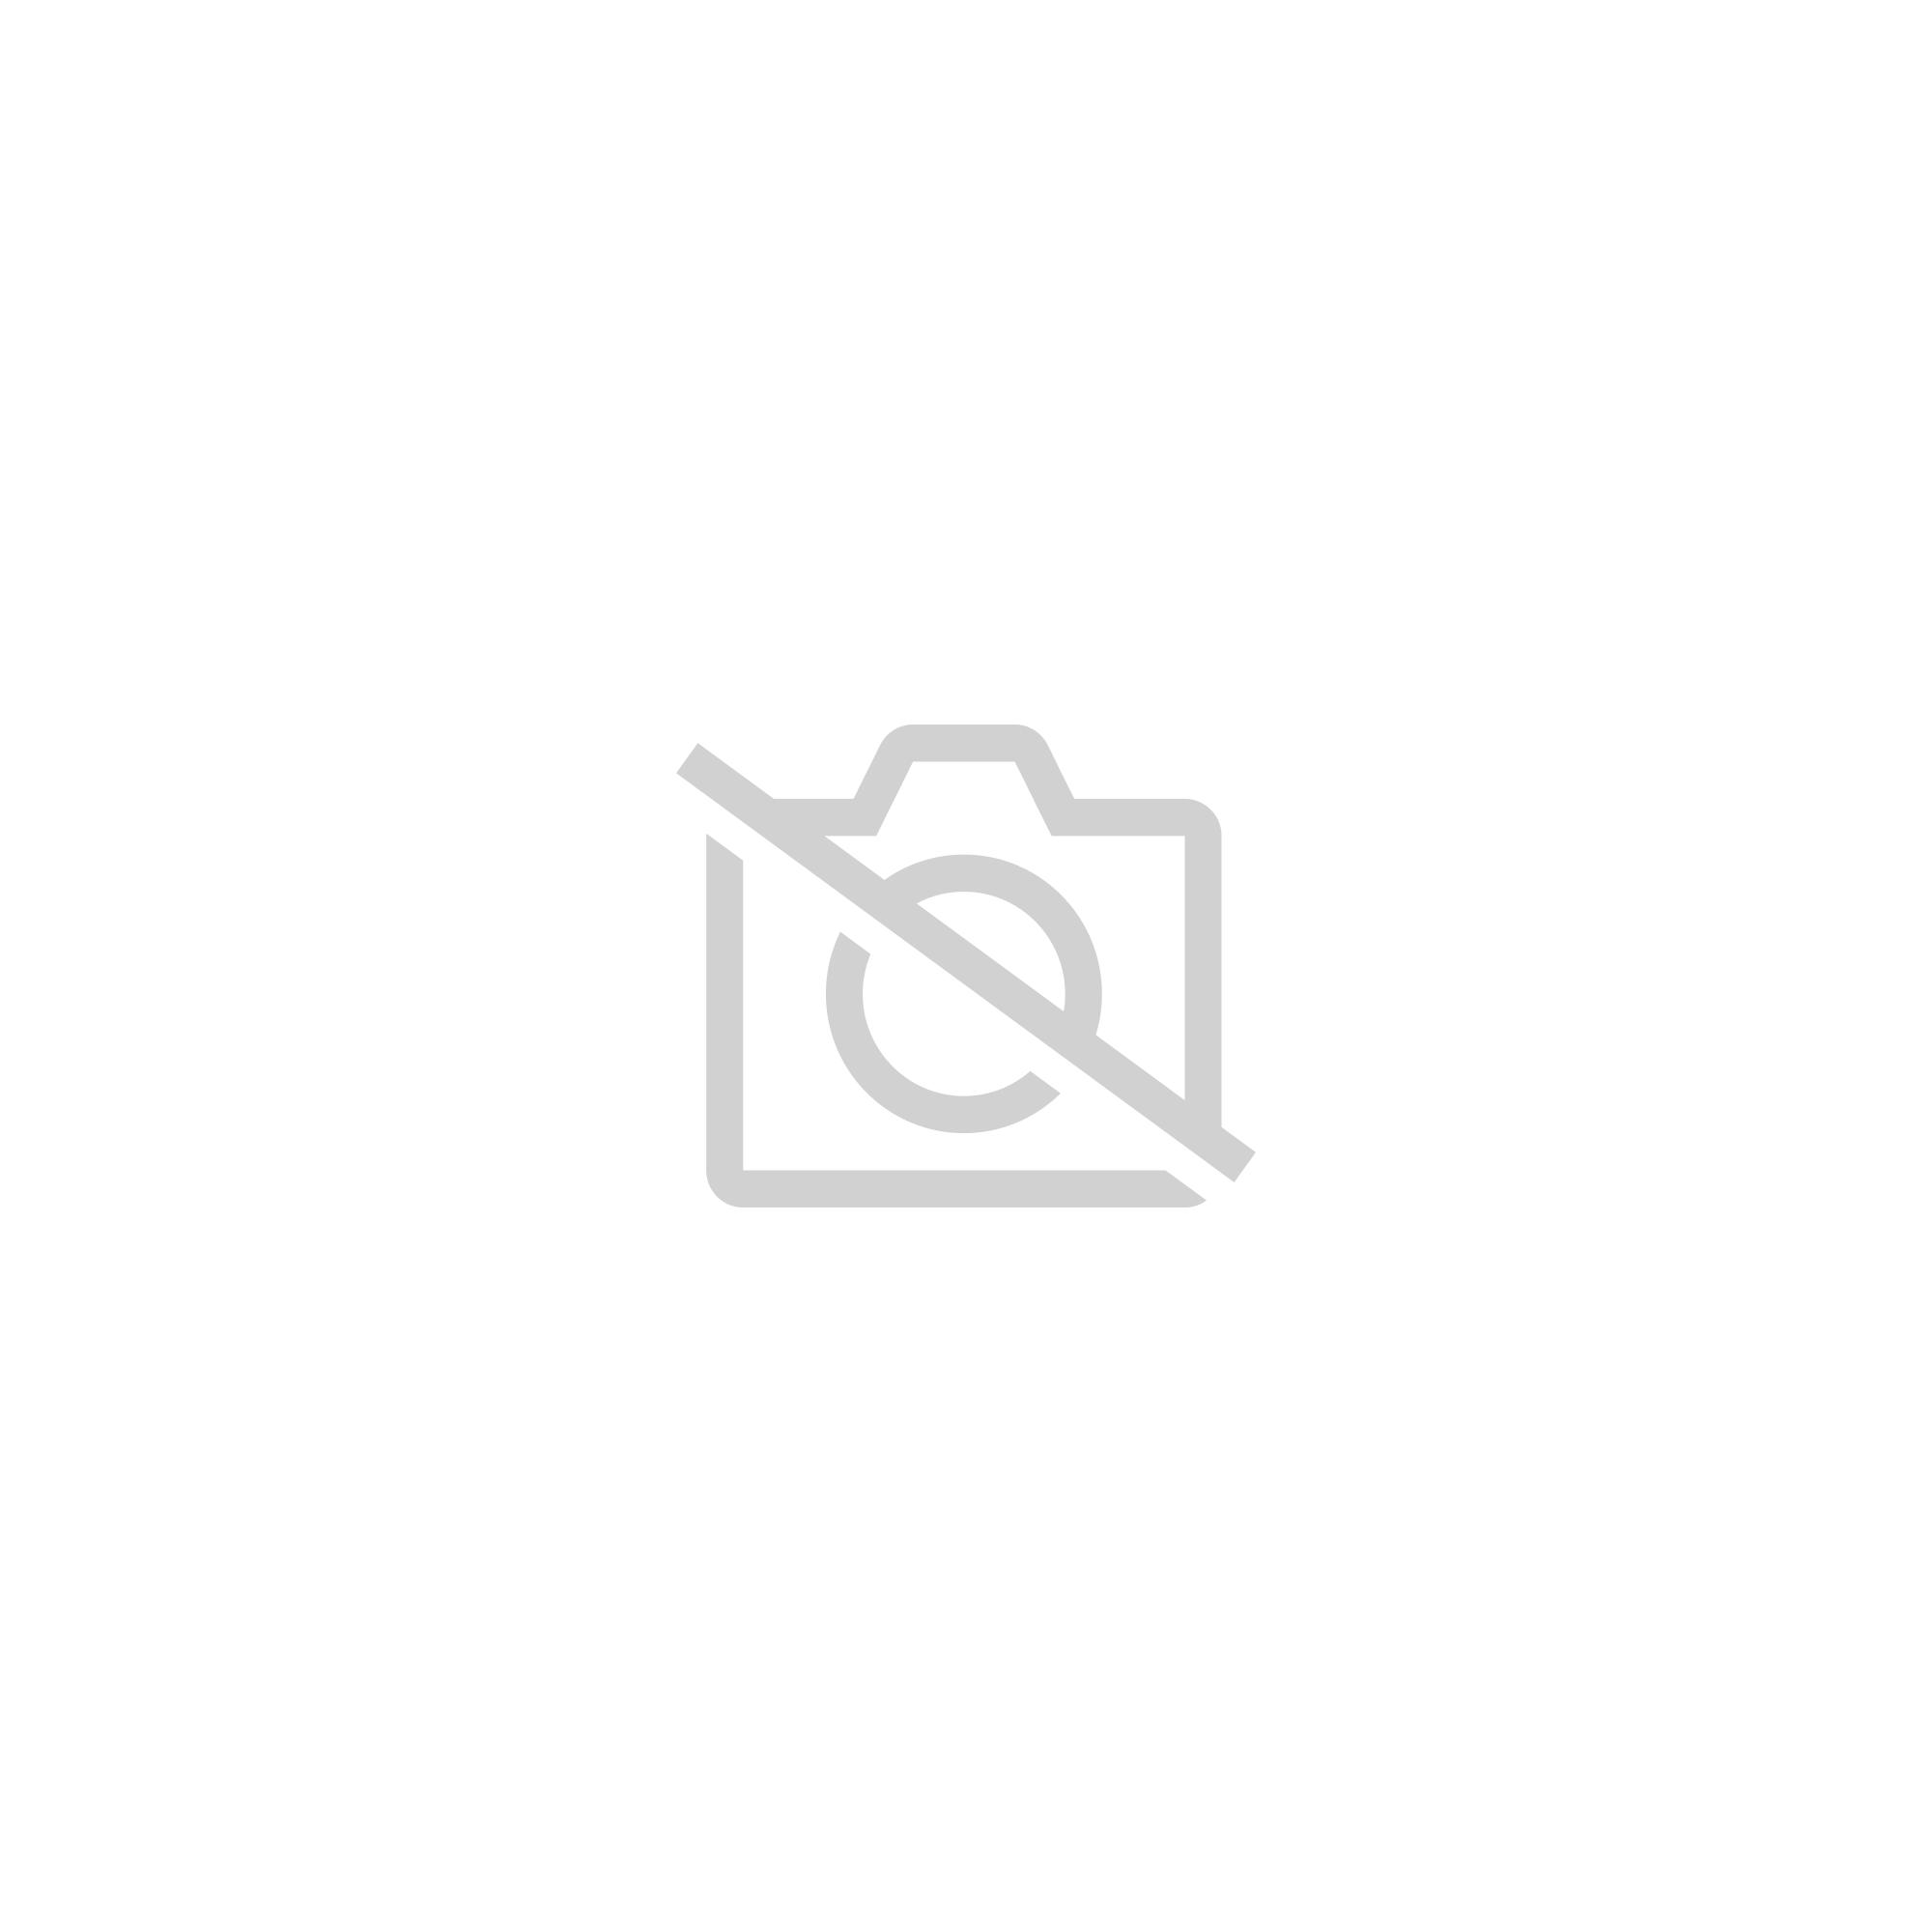 LILICAT B/éb/é Enfant Fille Et/é Marine sans Manches Coton Robe Enfant Fille Et/é Marine Manches Courtes N/œud /à Deux Boucles Coton,Robes Robe de Soir/ée de Filles /Ét/é Robe de Filles Jolie Robe b/&eacu